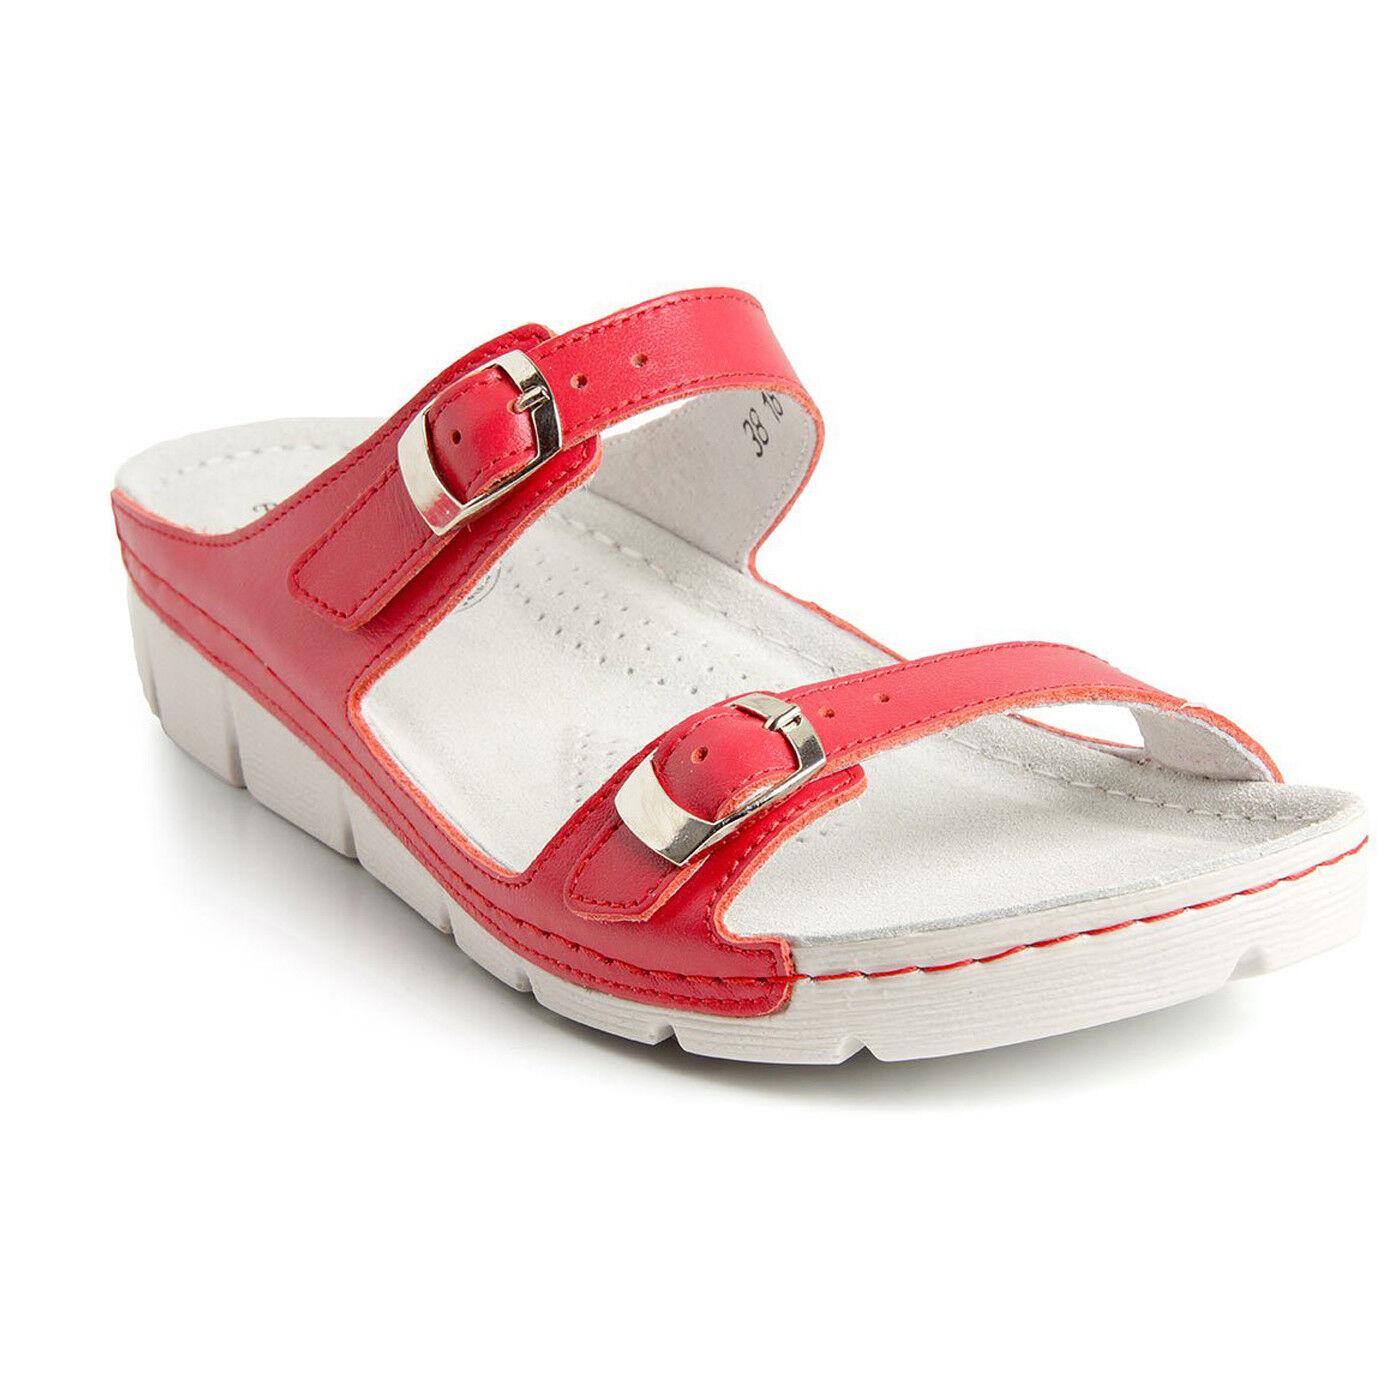 BATZ GARDA luce rossa e flessibile Sandali in pelle fatto a mano Zoccoli Ciabatte Donna Regno Unito